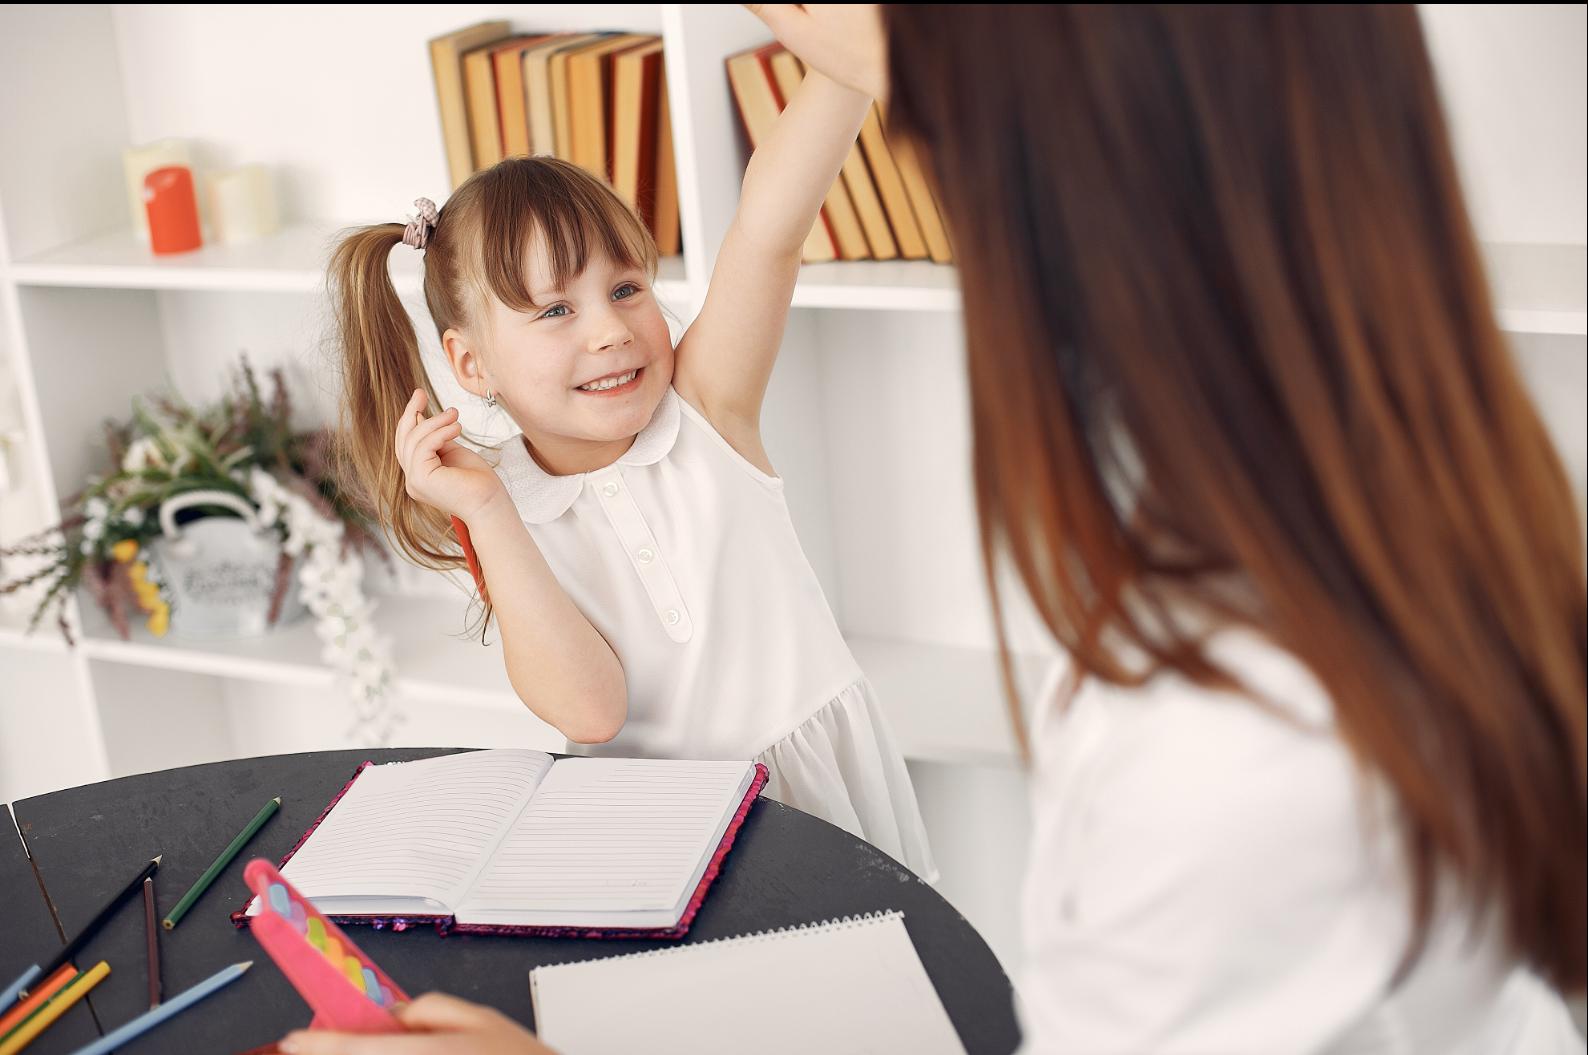 學習語言:線上家教與線下家教的差別在哪呢?